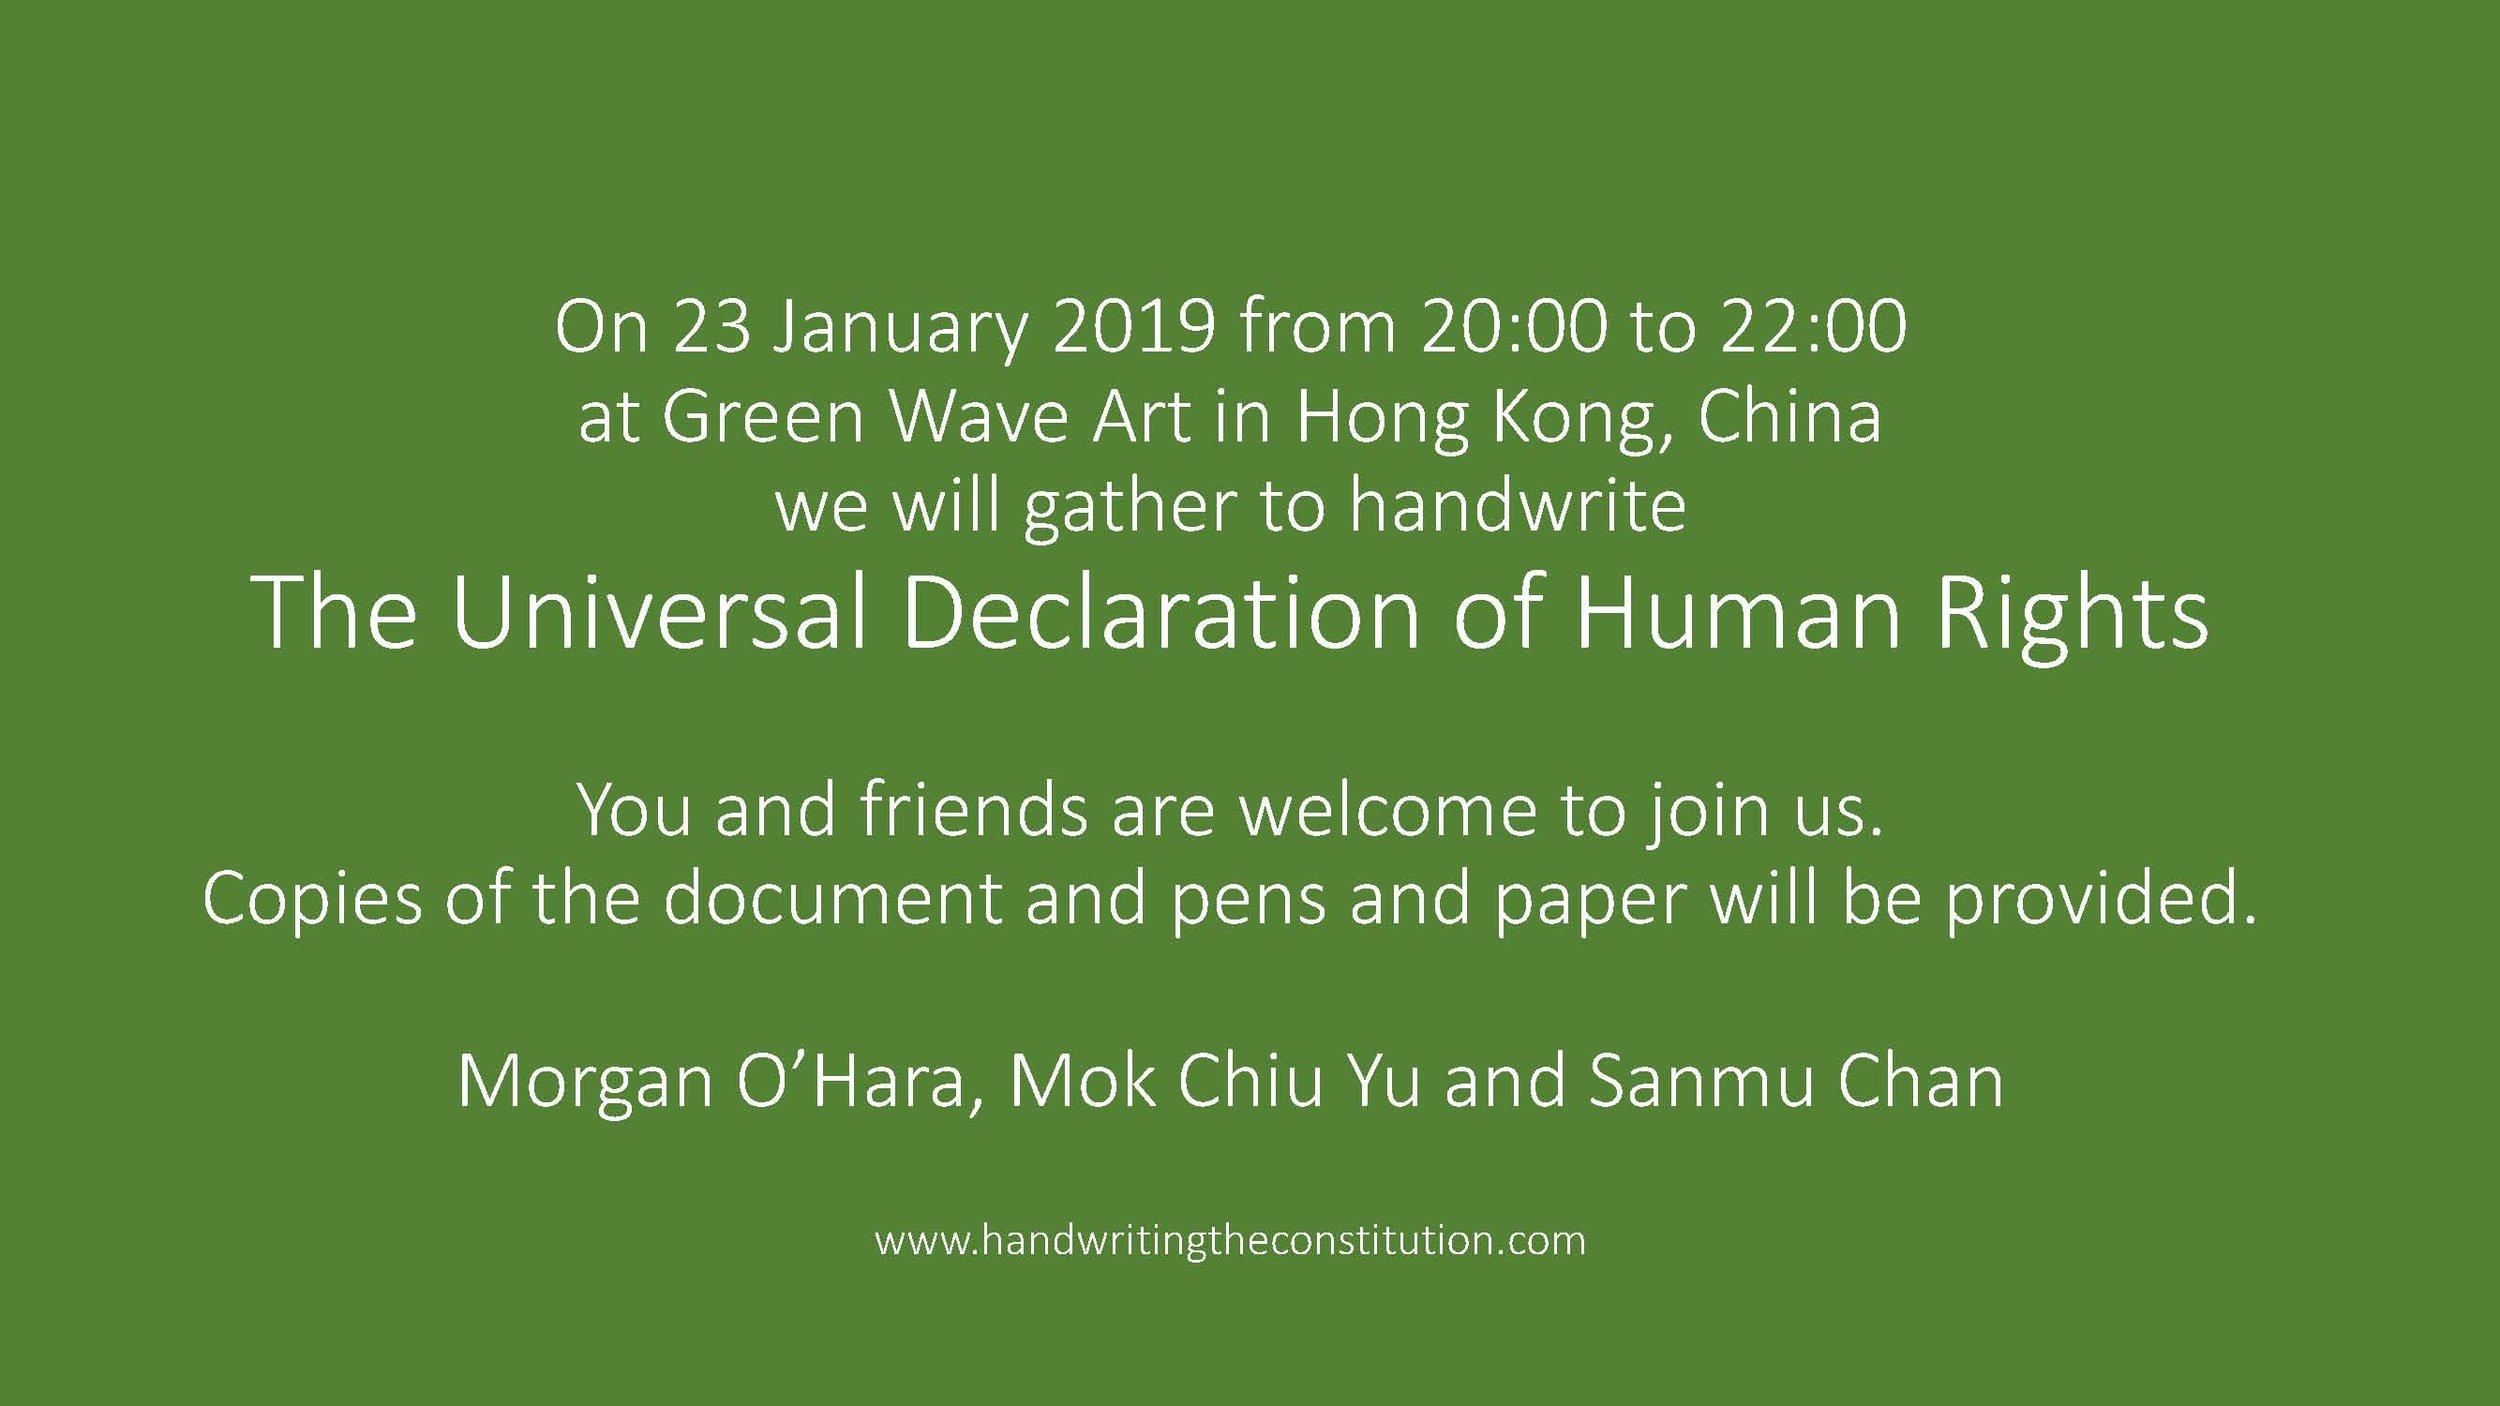 23 January 2019hong kong, china - session 91with morgan o'hara, mok chiu yuand sanmu chan